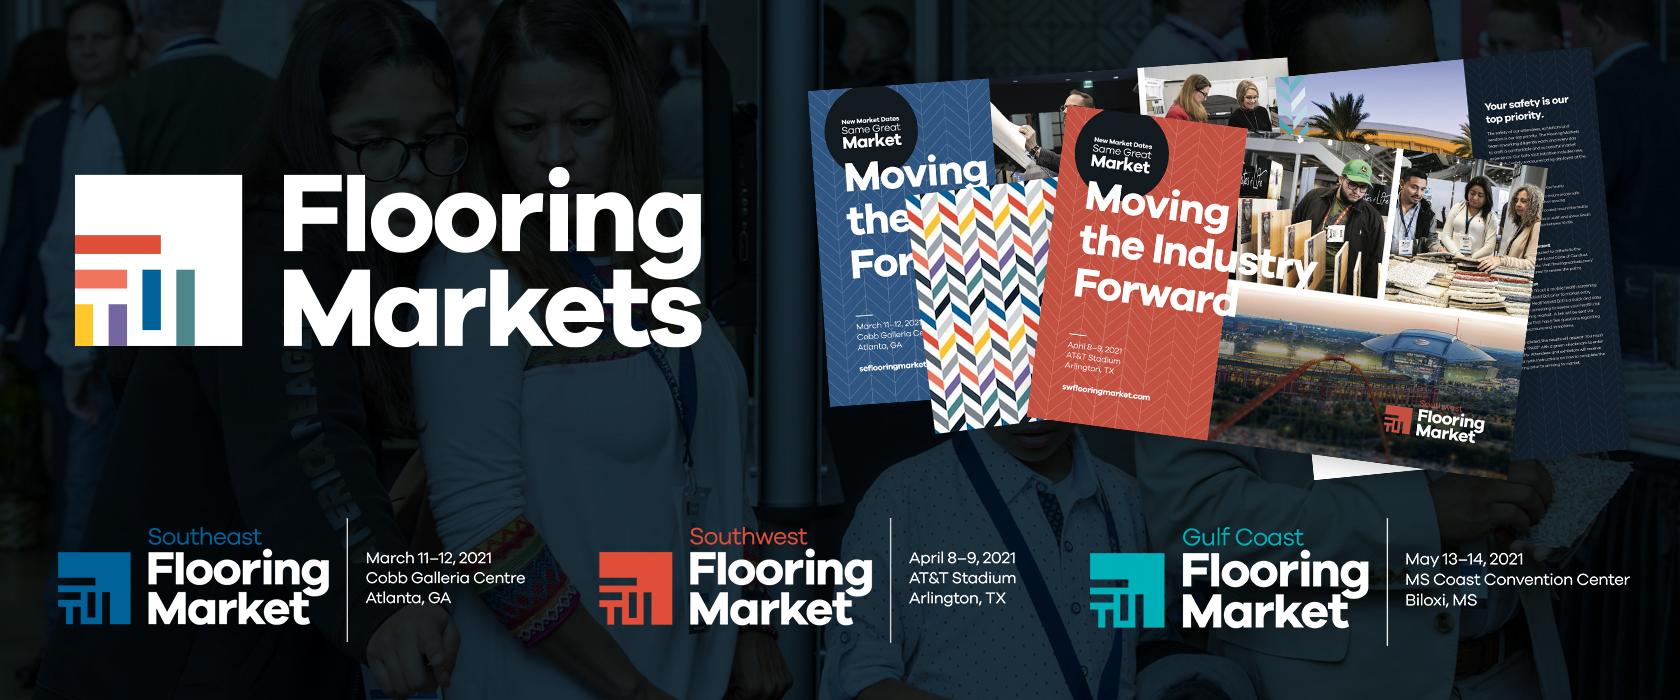 Flooring Markets MMEP